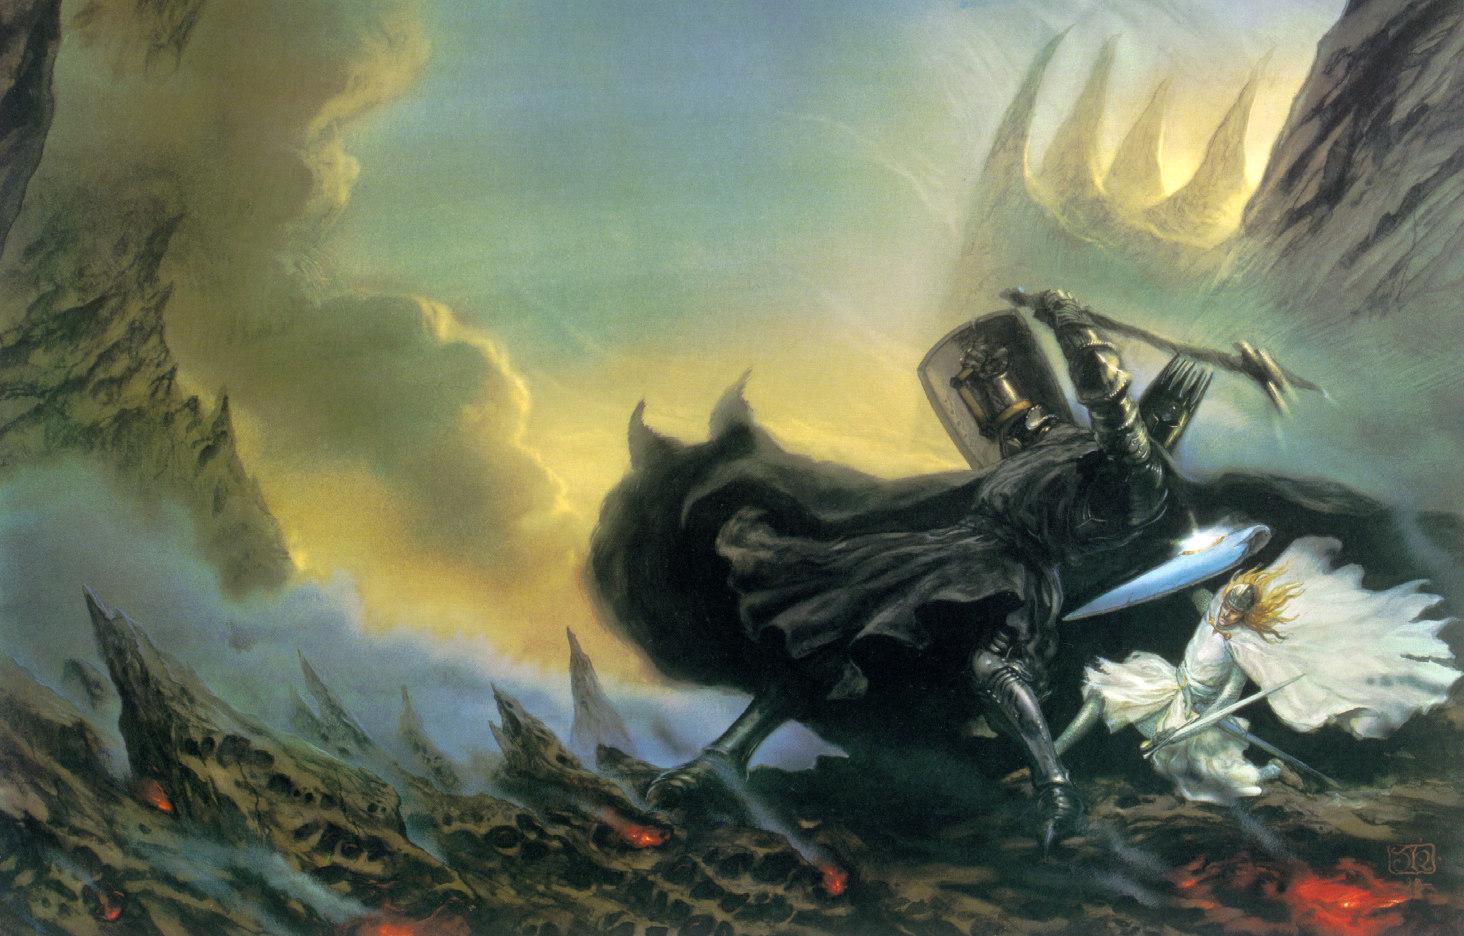 Morgoth vs sauron yahoo dating